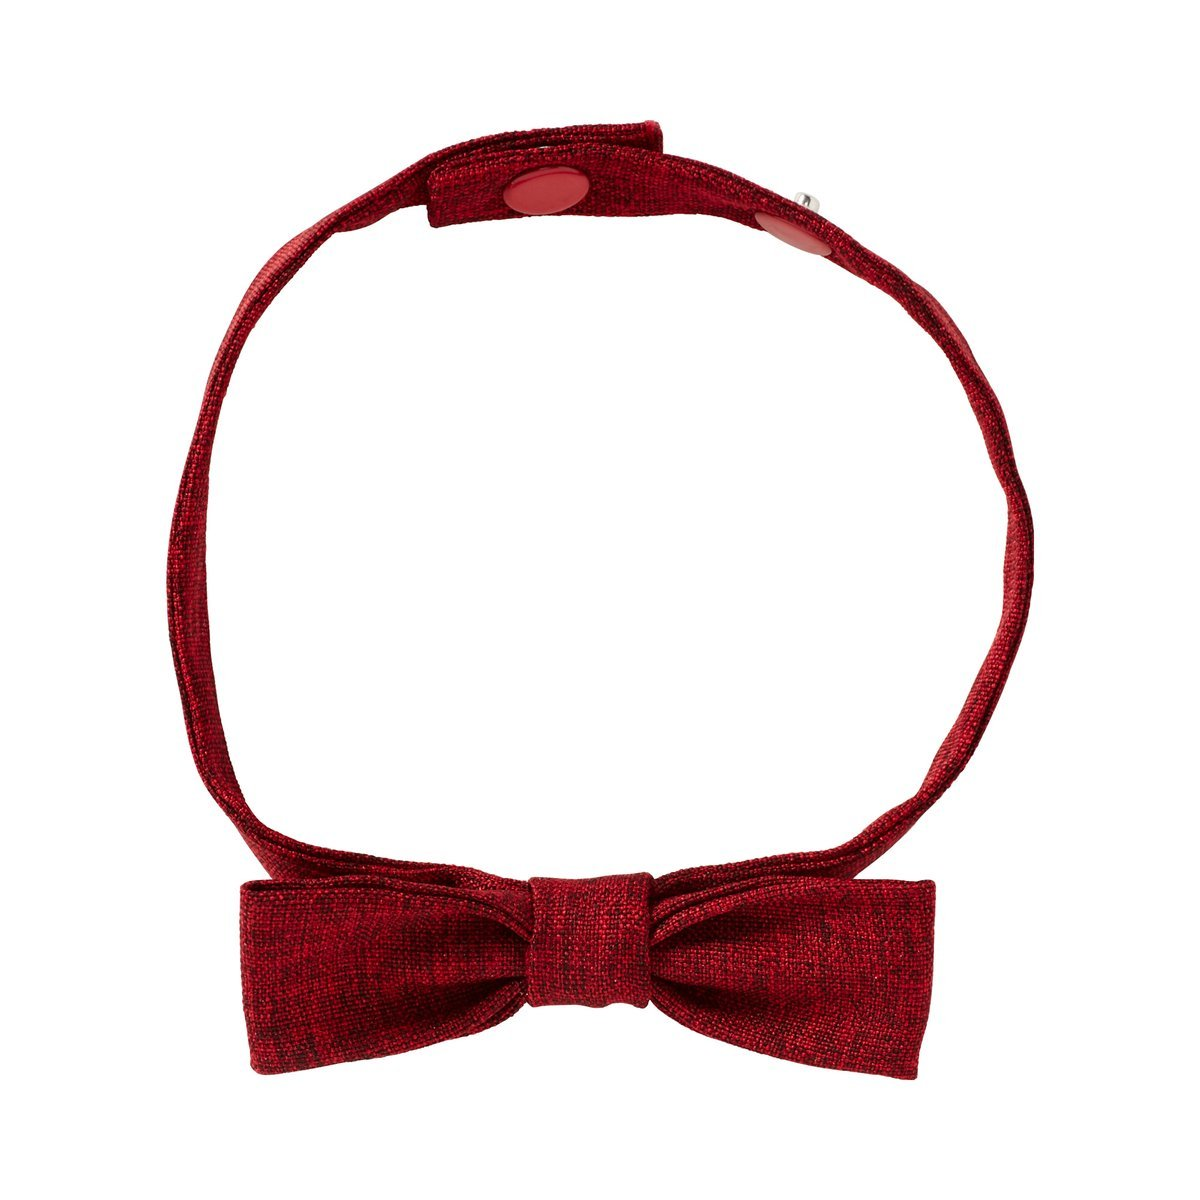 ac9251c04ecd3 Bornino 4-tlg. Set Festliche Mode/Babybekleidung Junge/Anzug / rot/  größeres Bild